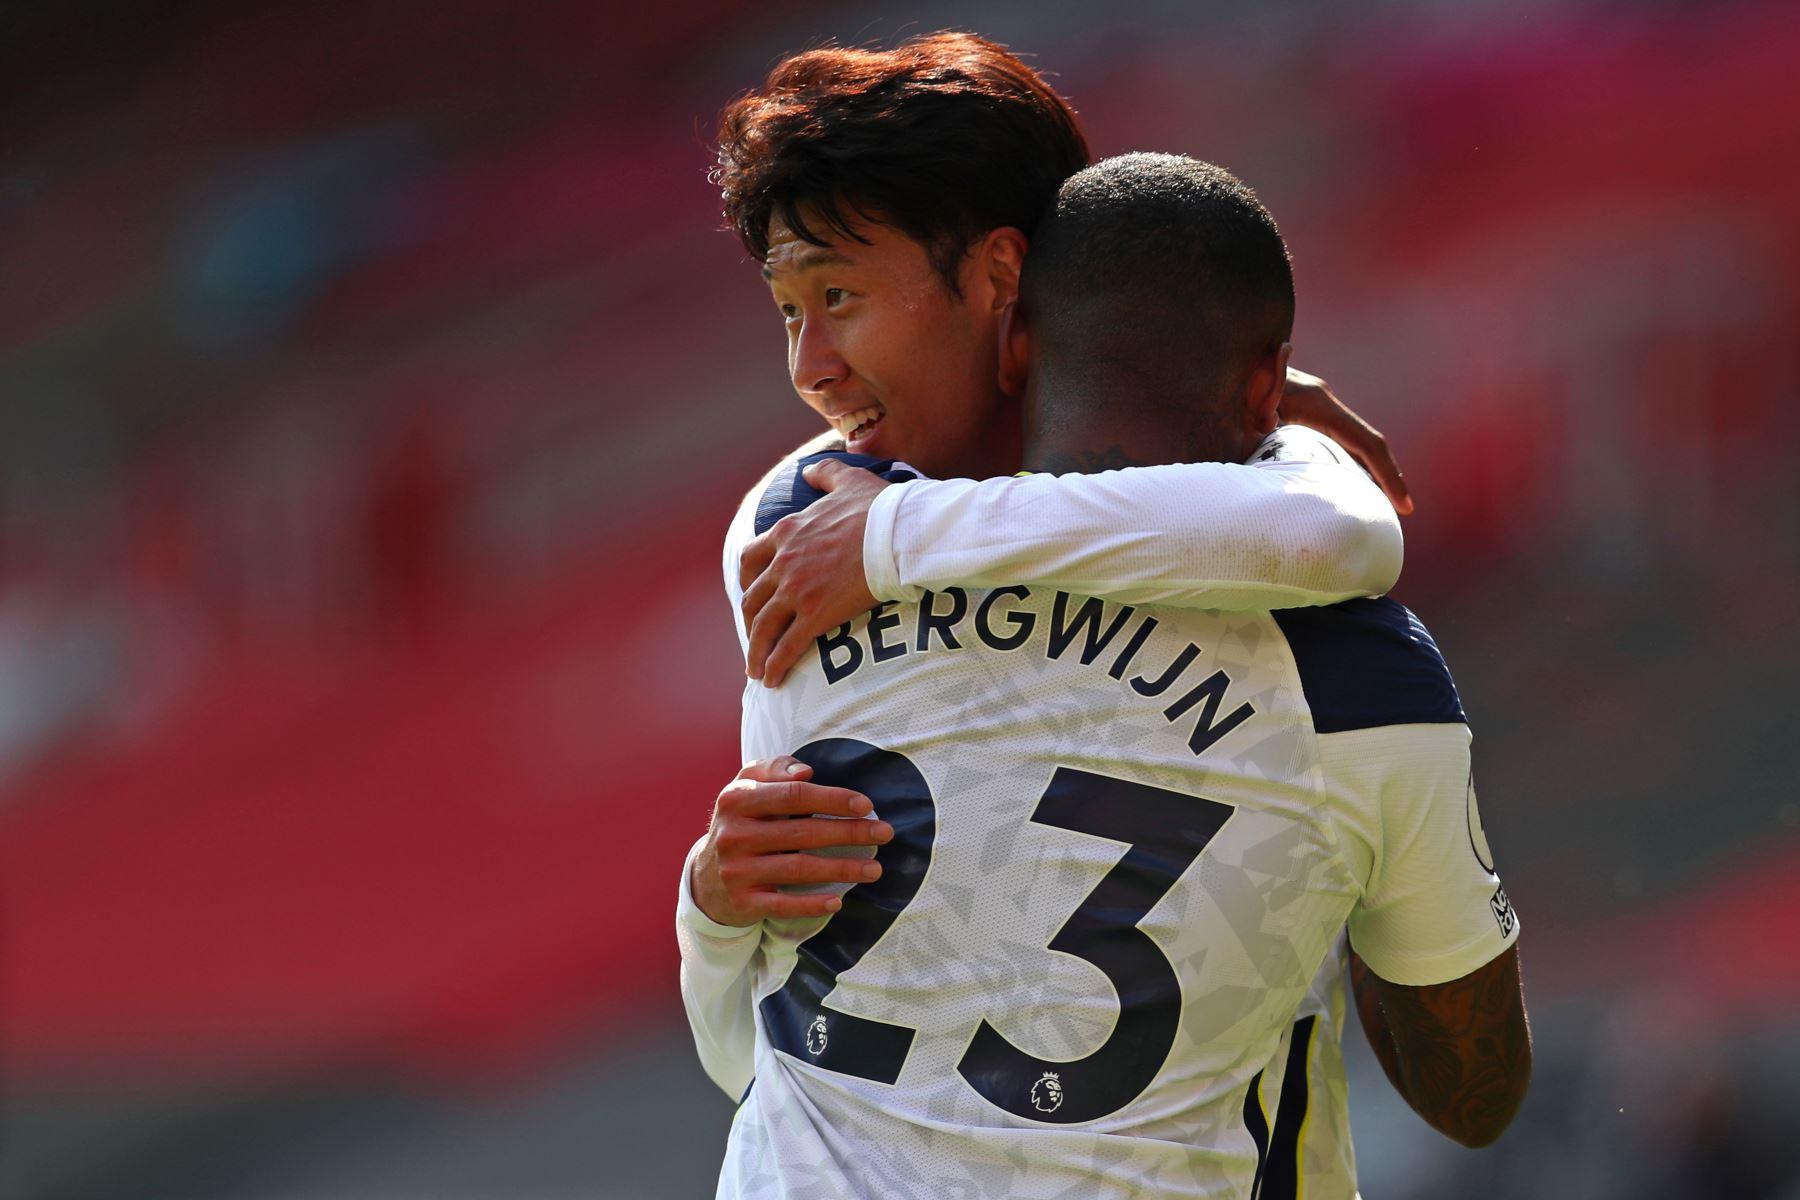 El delantero surcoreano del Tottenham Hotspur, Son Heung-Min, abraza al mediocampista holandés del Tottenham Hotspur, Steven Bergwijn, en el campo después del partido de fútbol de la Premier League. Foto: AFP